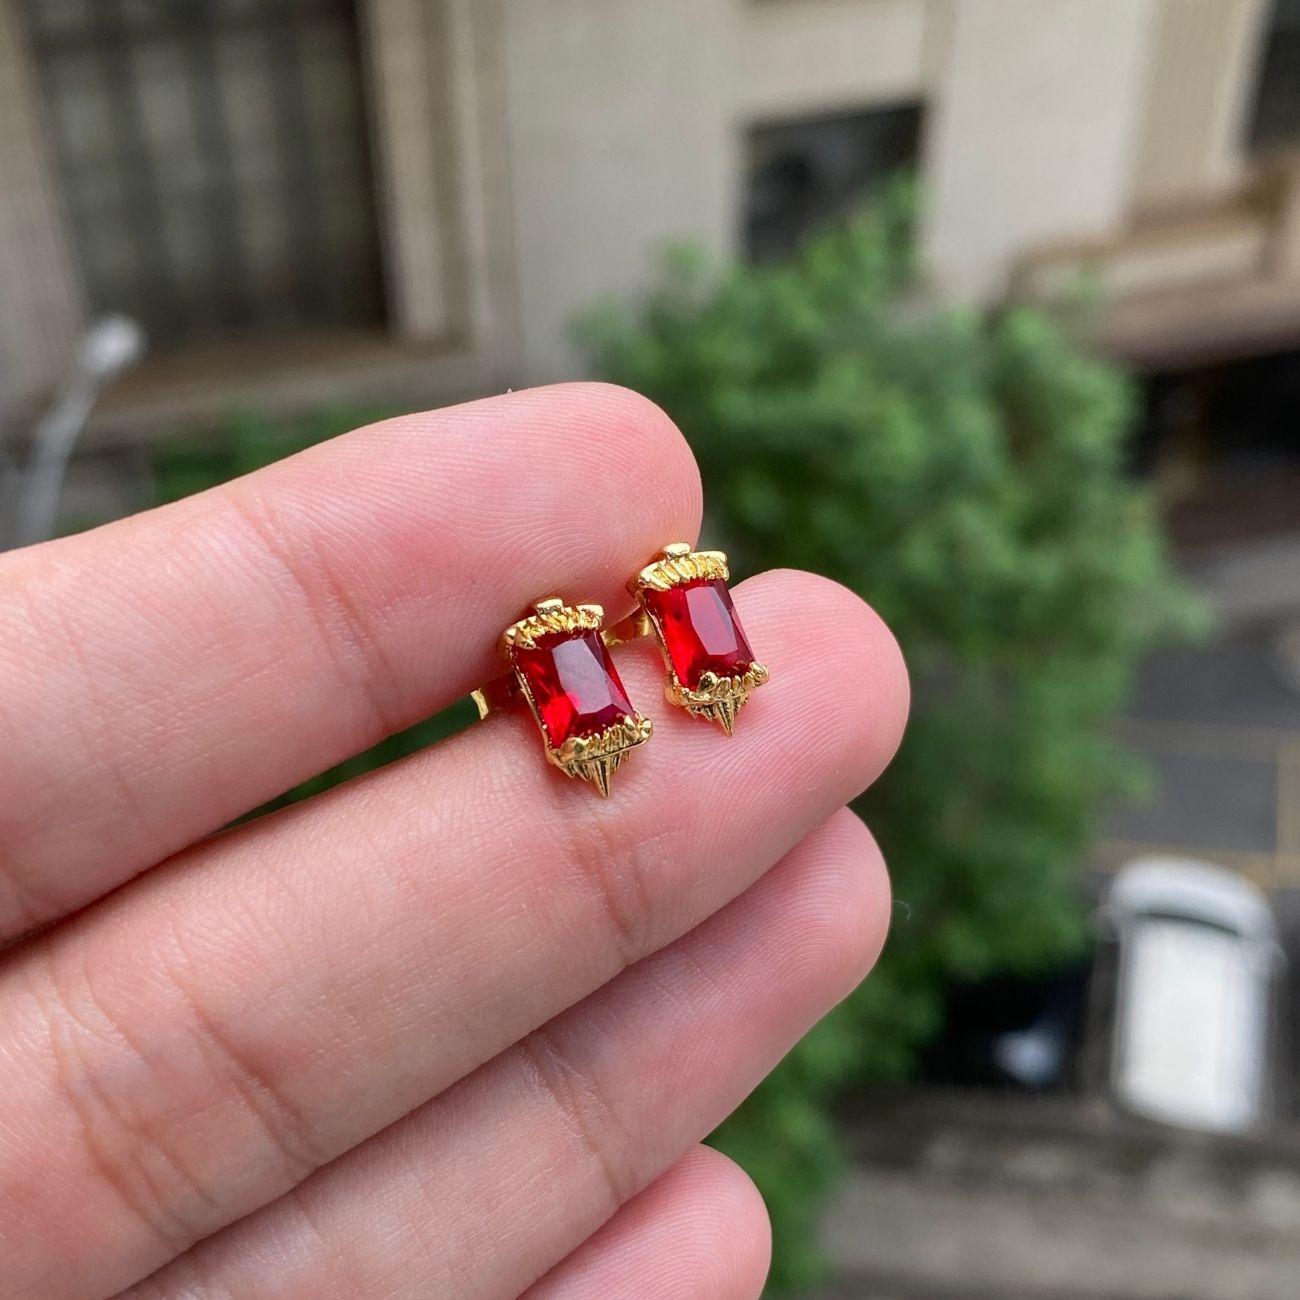 Brinco Presa de Tigre em Zircônia Vermelha 6mm X 11mm (Banho Ouro 24k)